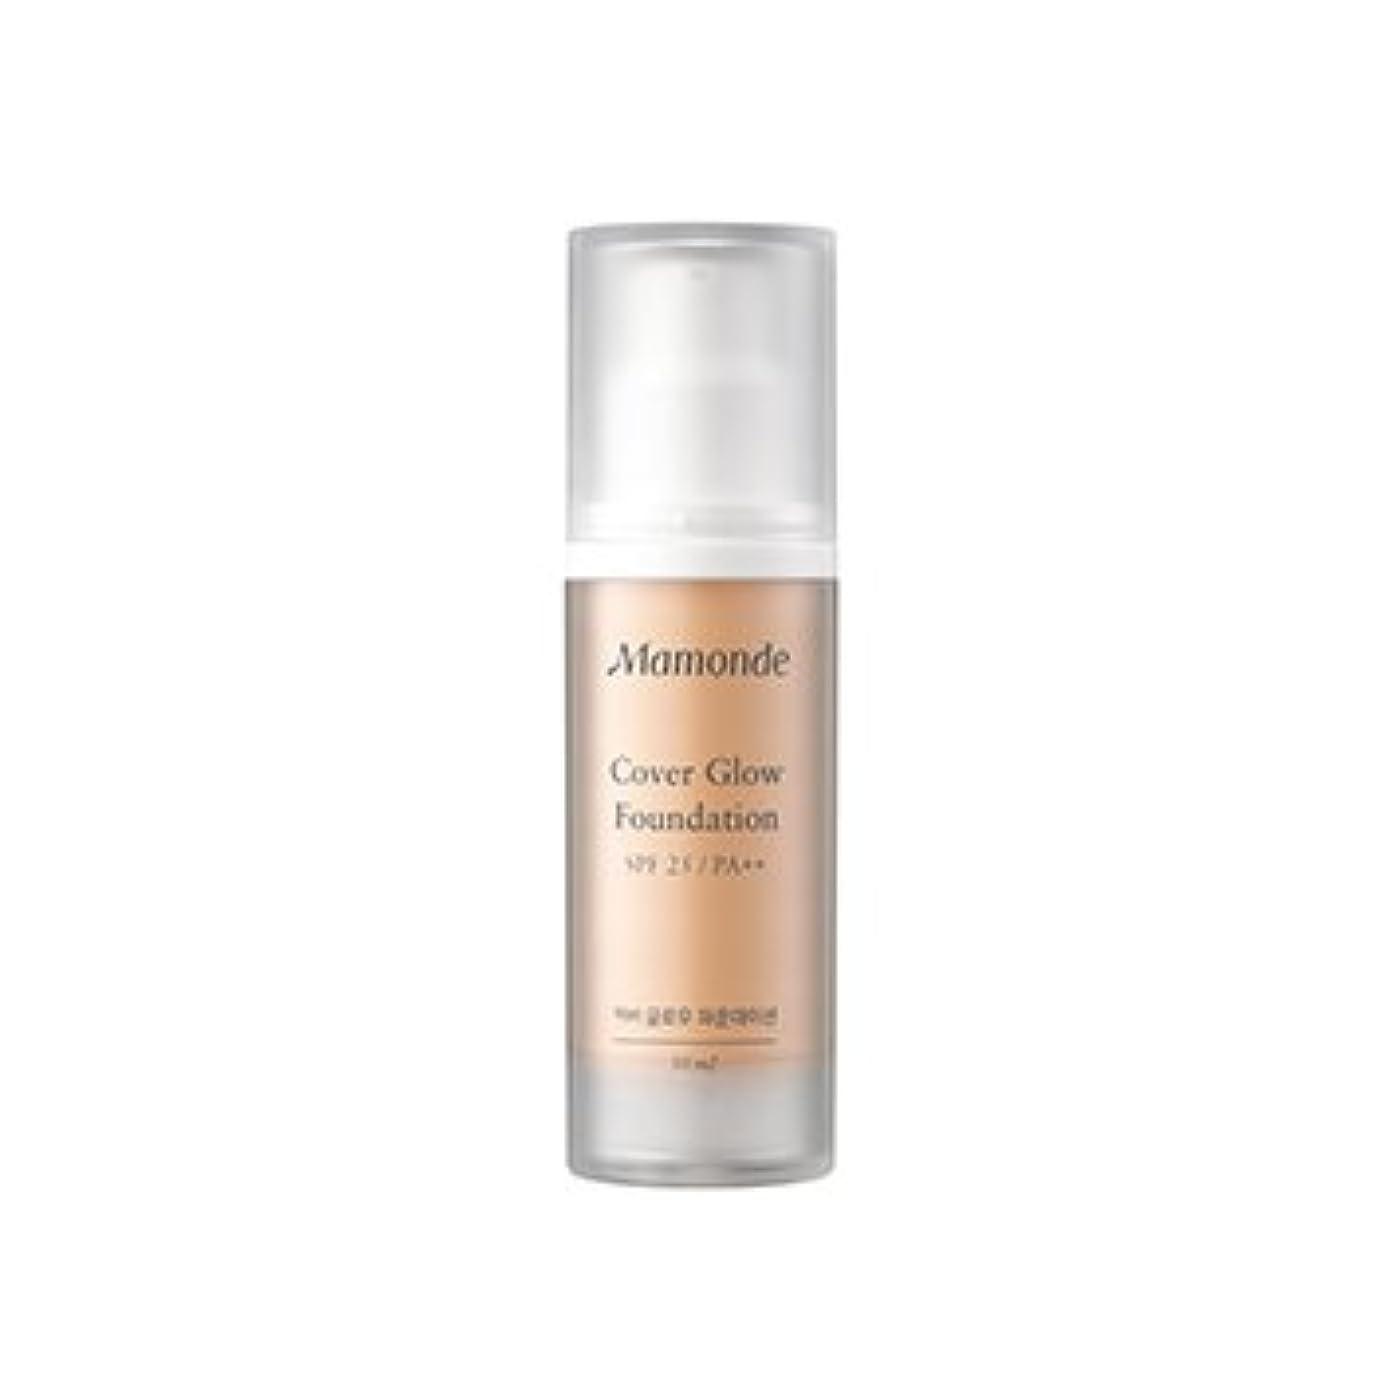 大脳クリップ処方Mamonde Cover Glow Foundation 30ml/マモンド カバー グロウ ファンデーション 30ml (#23 Sand Beige) [並行輸入品]